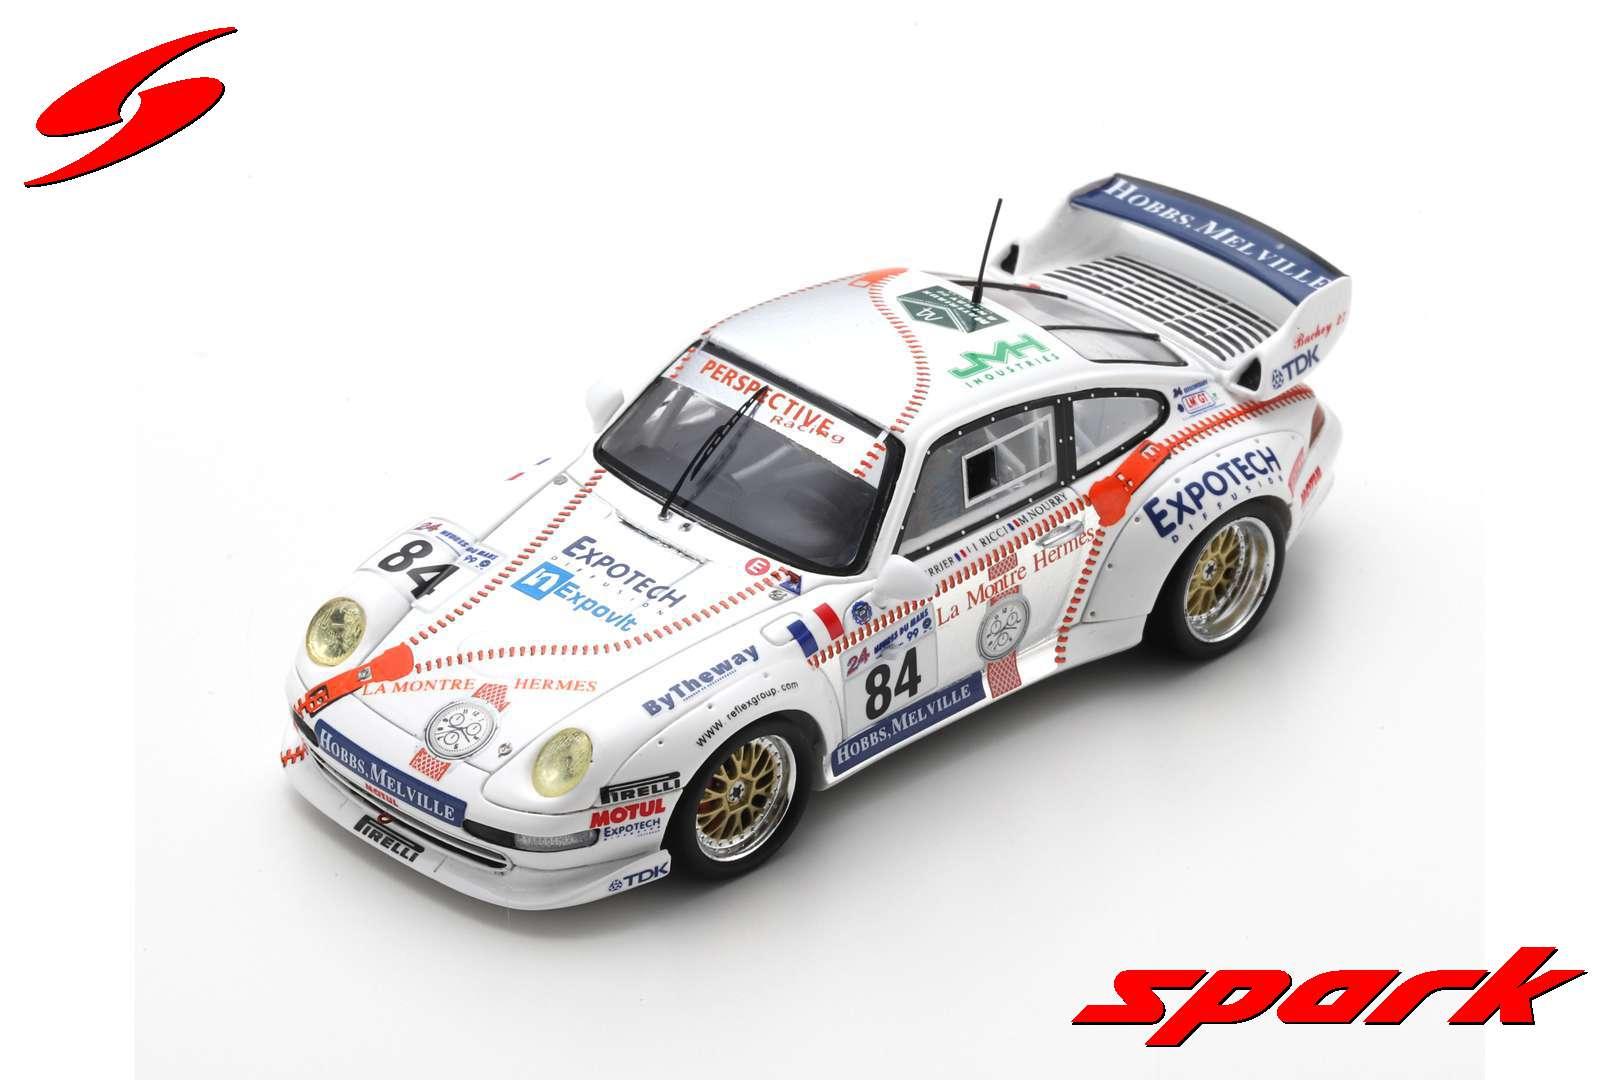 spark 1/43 PORSCHE 911 CARRERA RSR NO.84 24H LE MANS 1999 T. PERRIER - J-L. RICCI - M. NOURRY